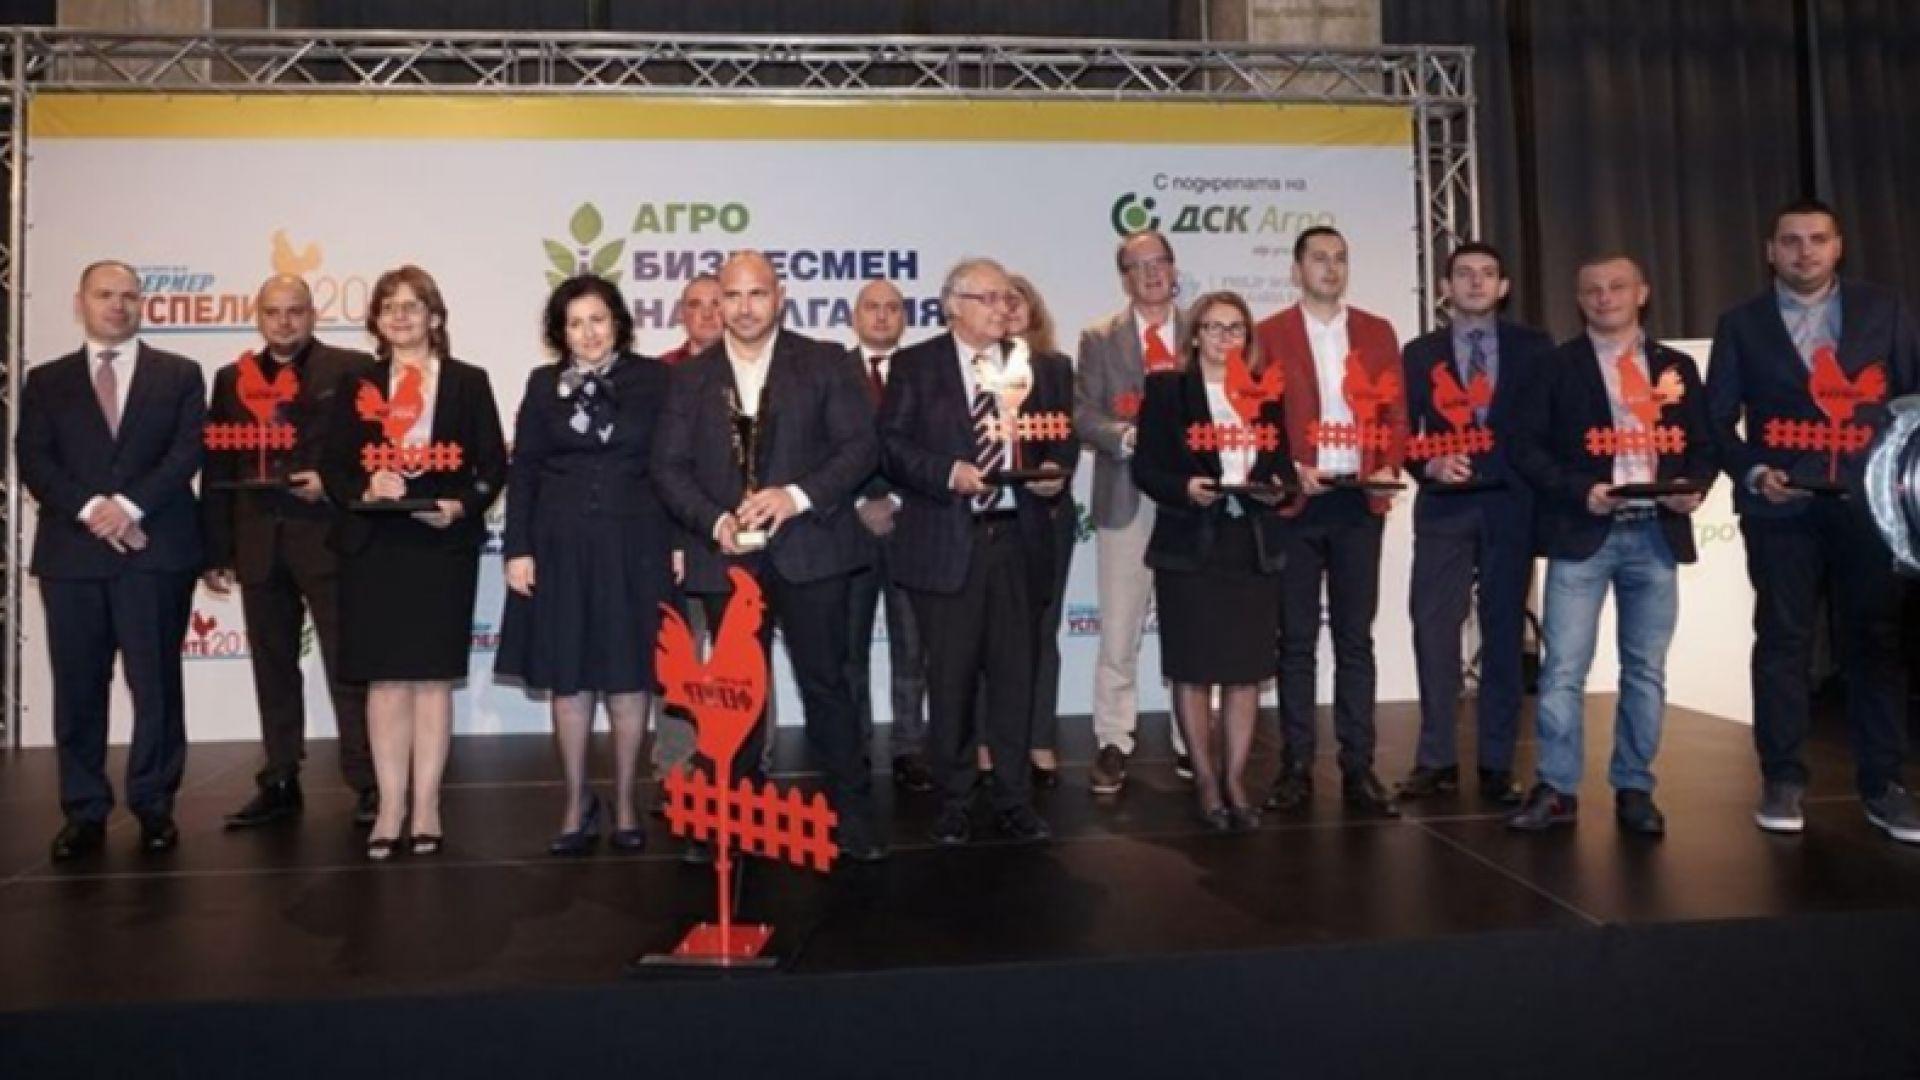 Избраха Станчо Станчев за Агробизнесмен номер 1 на България